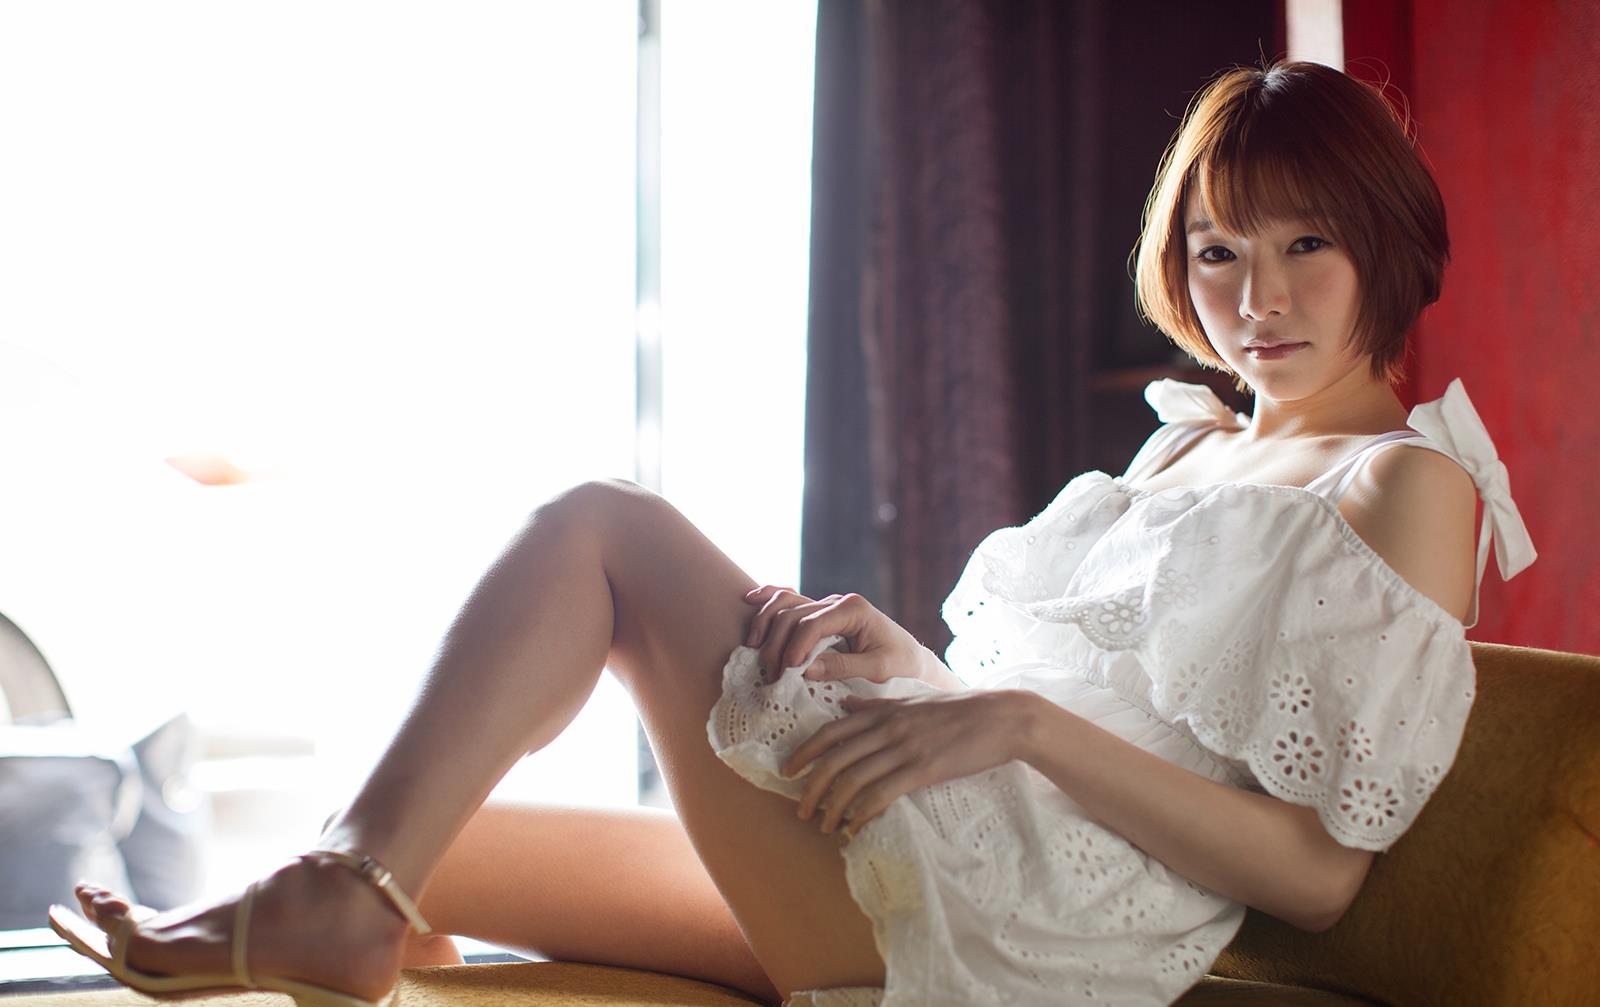 涼川絢音 Eカップ 手足の長い色白ロリ顔で美少女な着エロアイドルAV女優画像 107枚 No.67